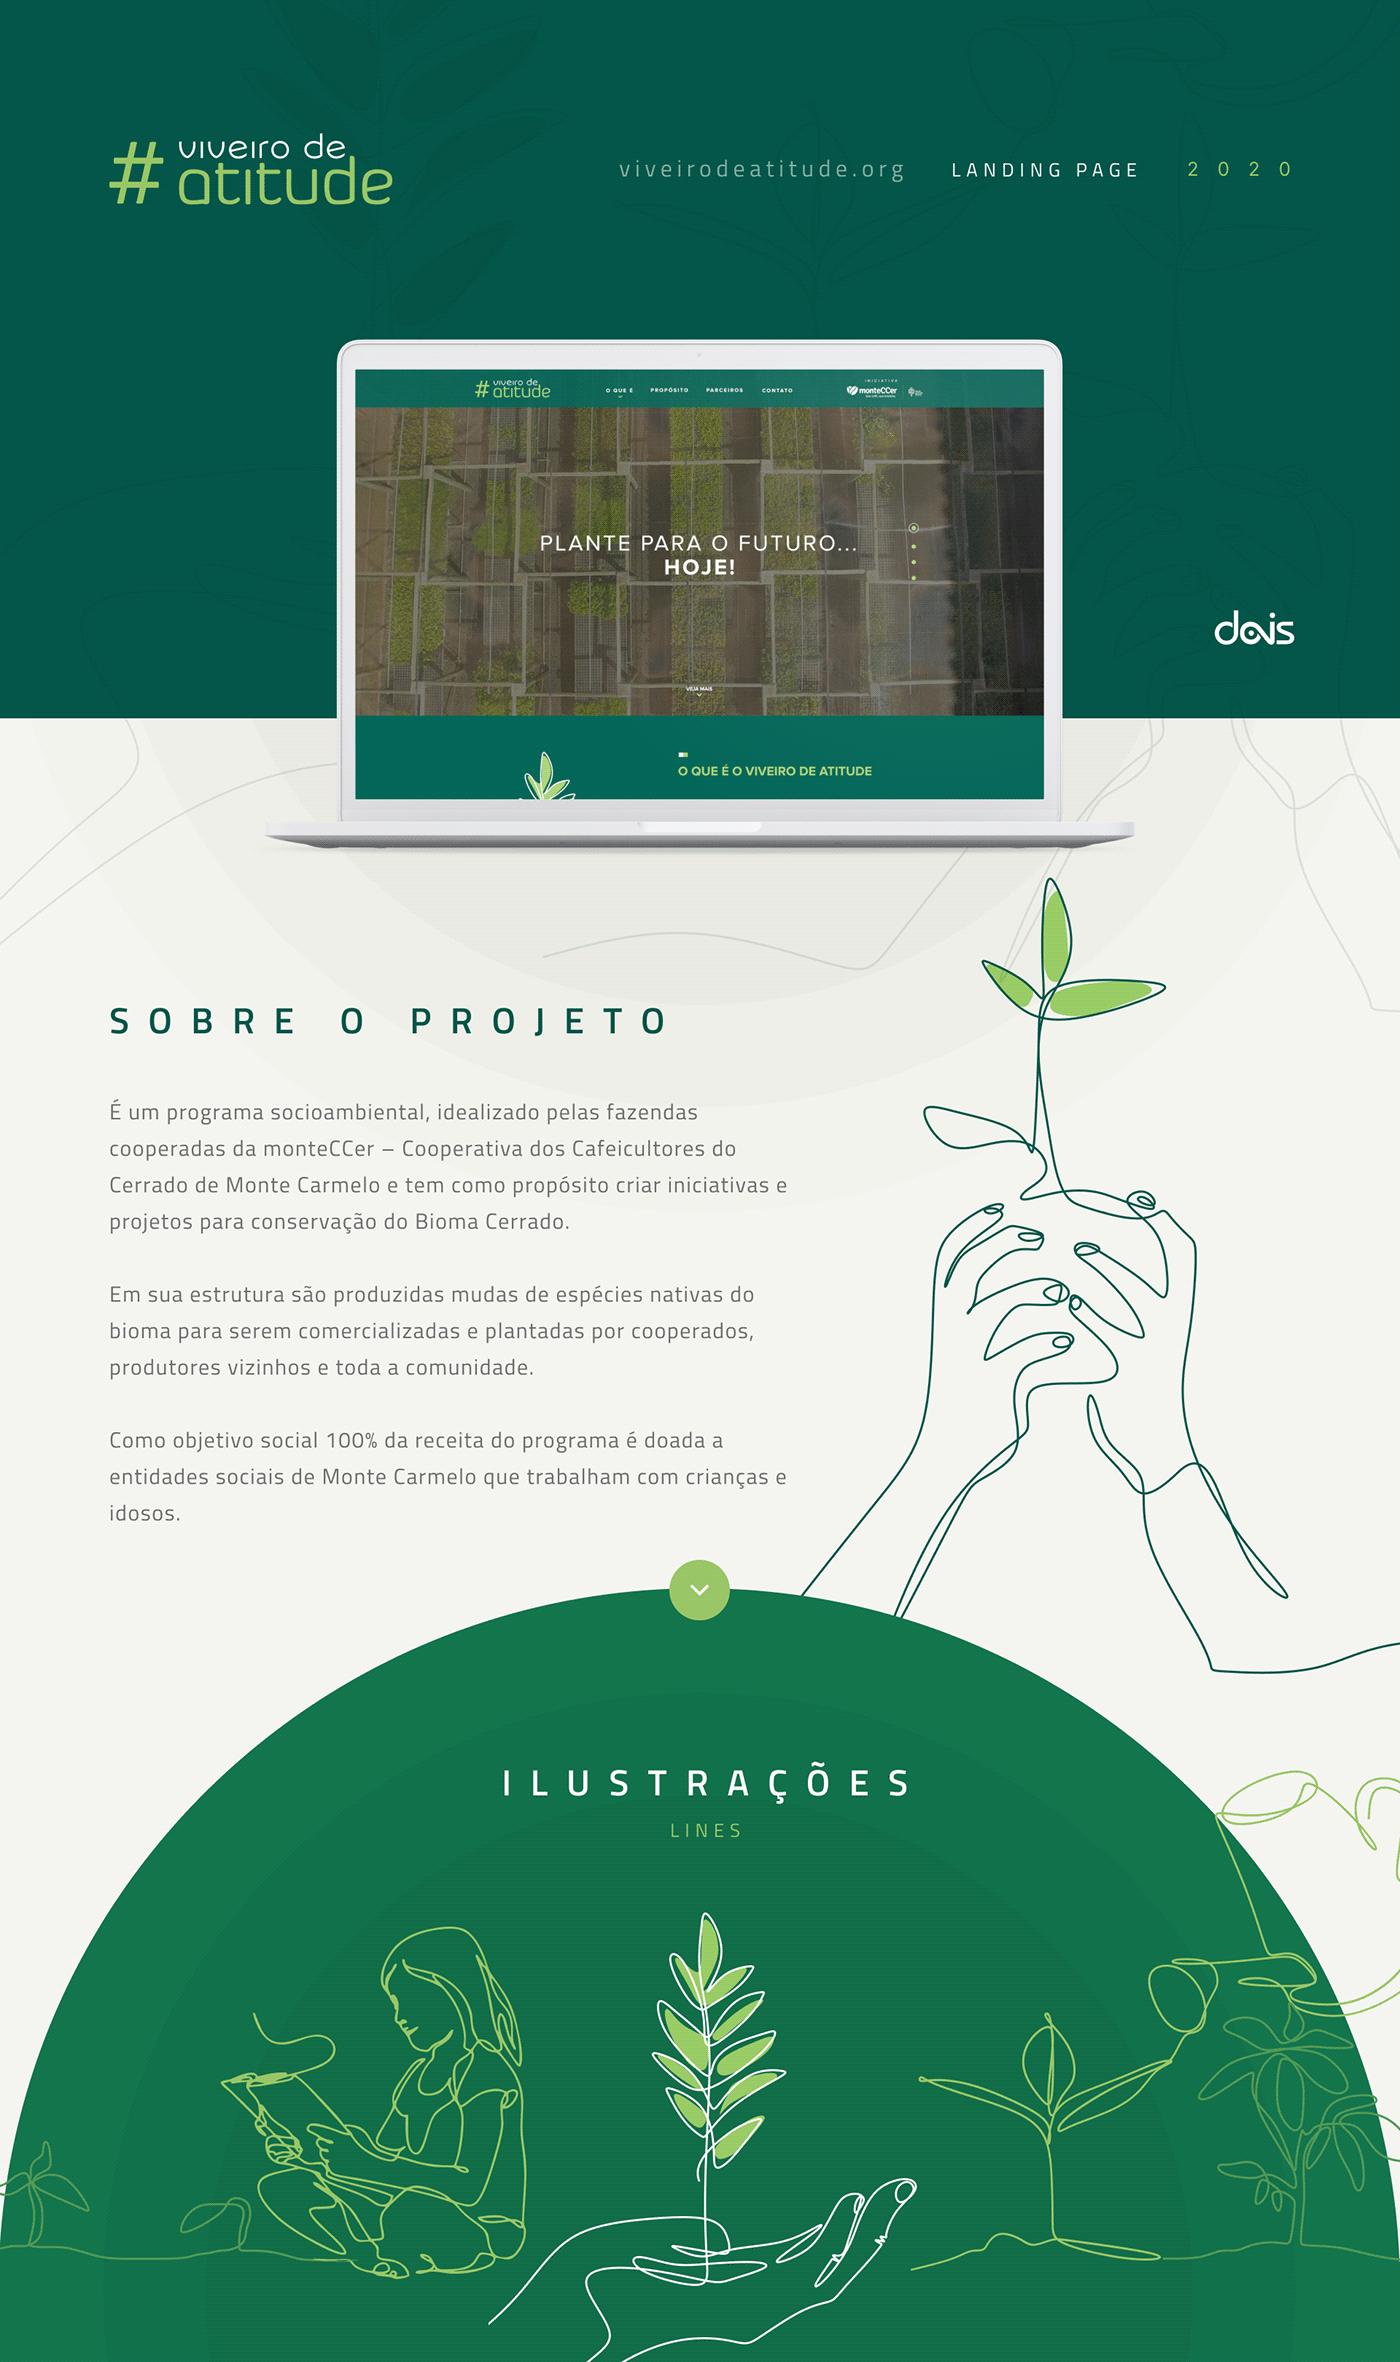 css frontend HTML Ilustração landing page ui design UX design Web Design  Website